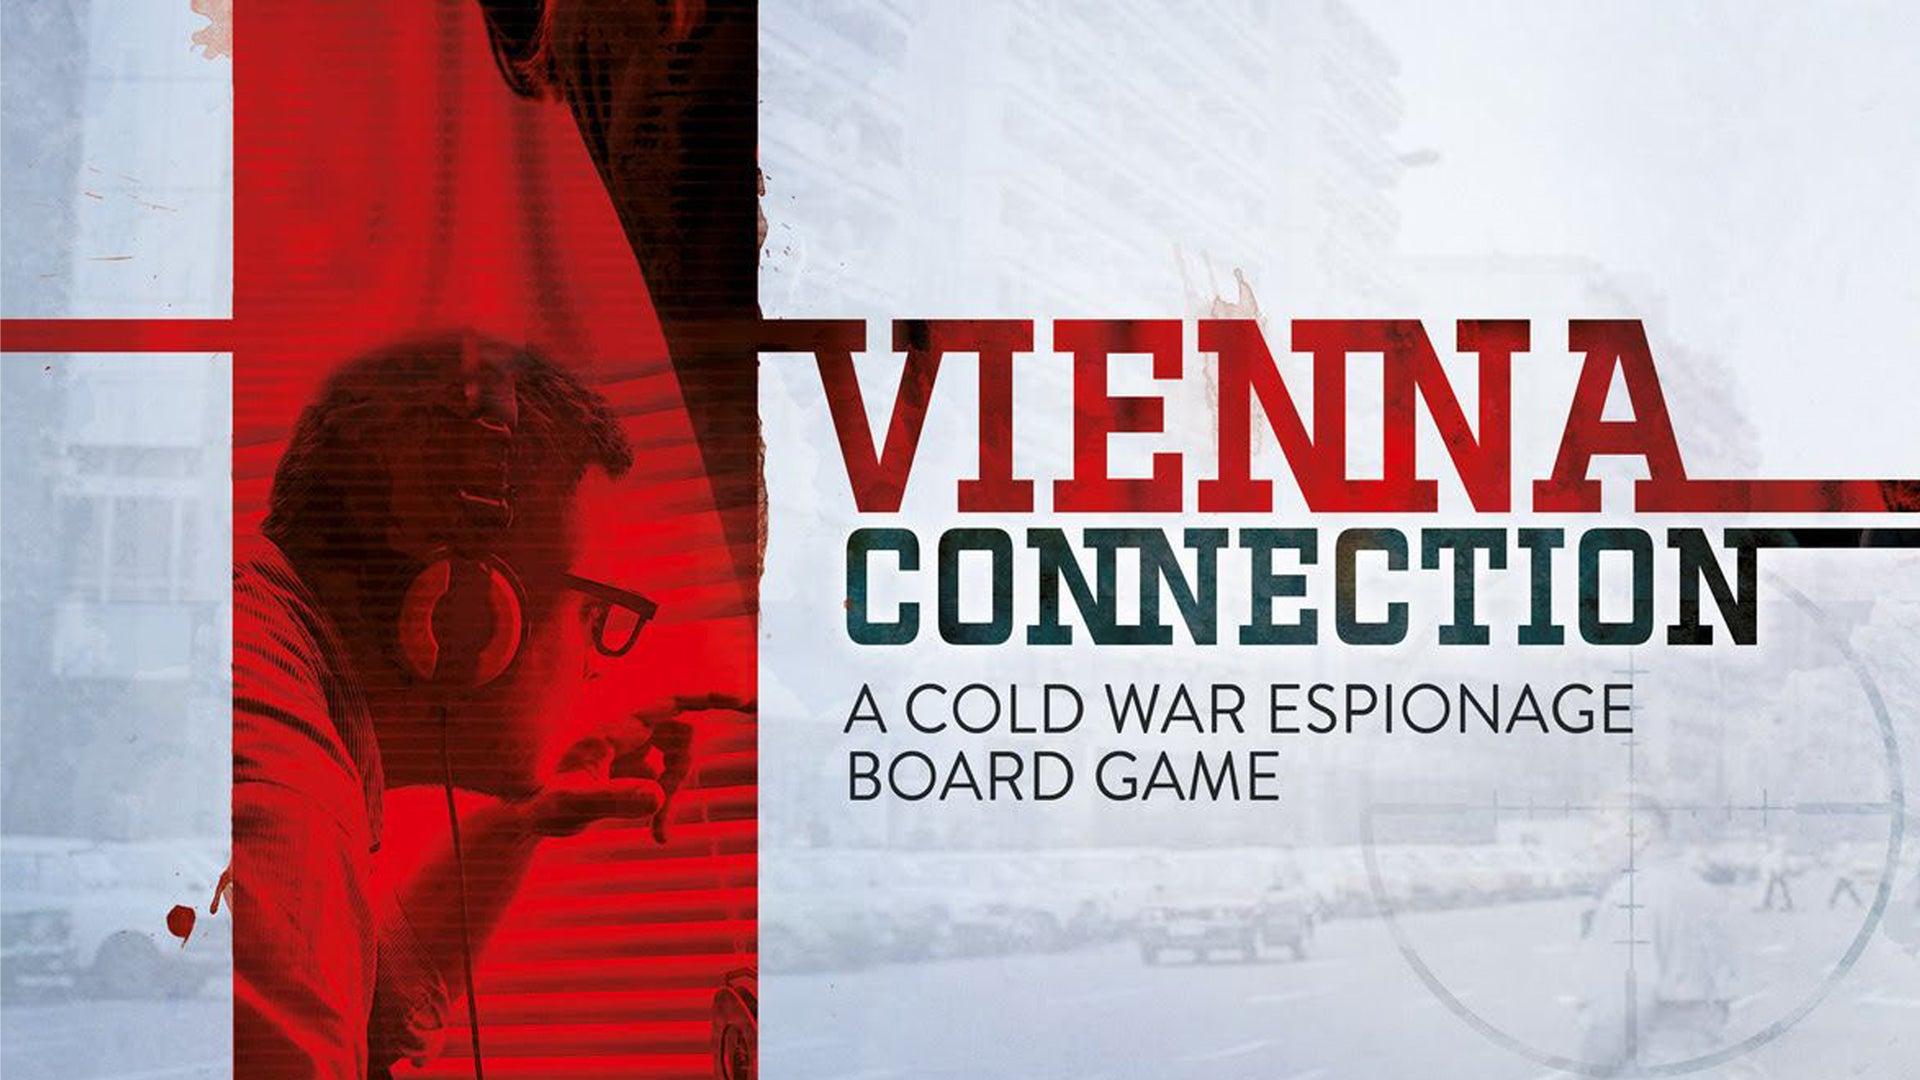 Vienna Connection board game artwork 2